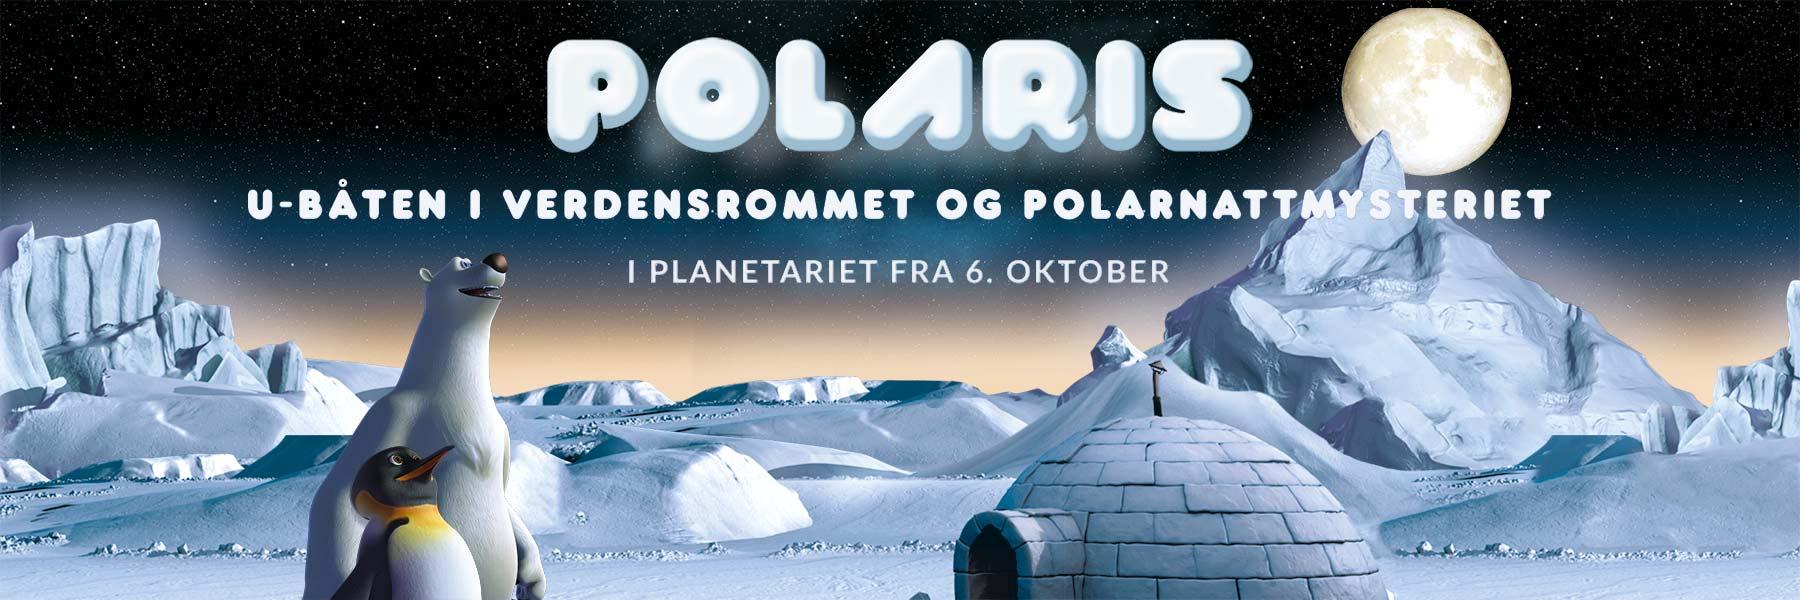 Polaris i planetariet